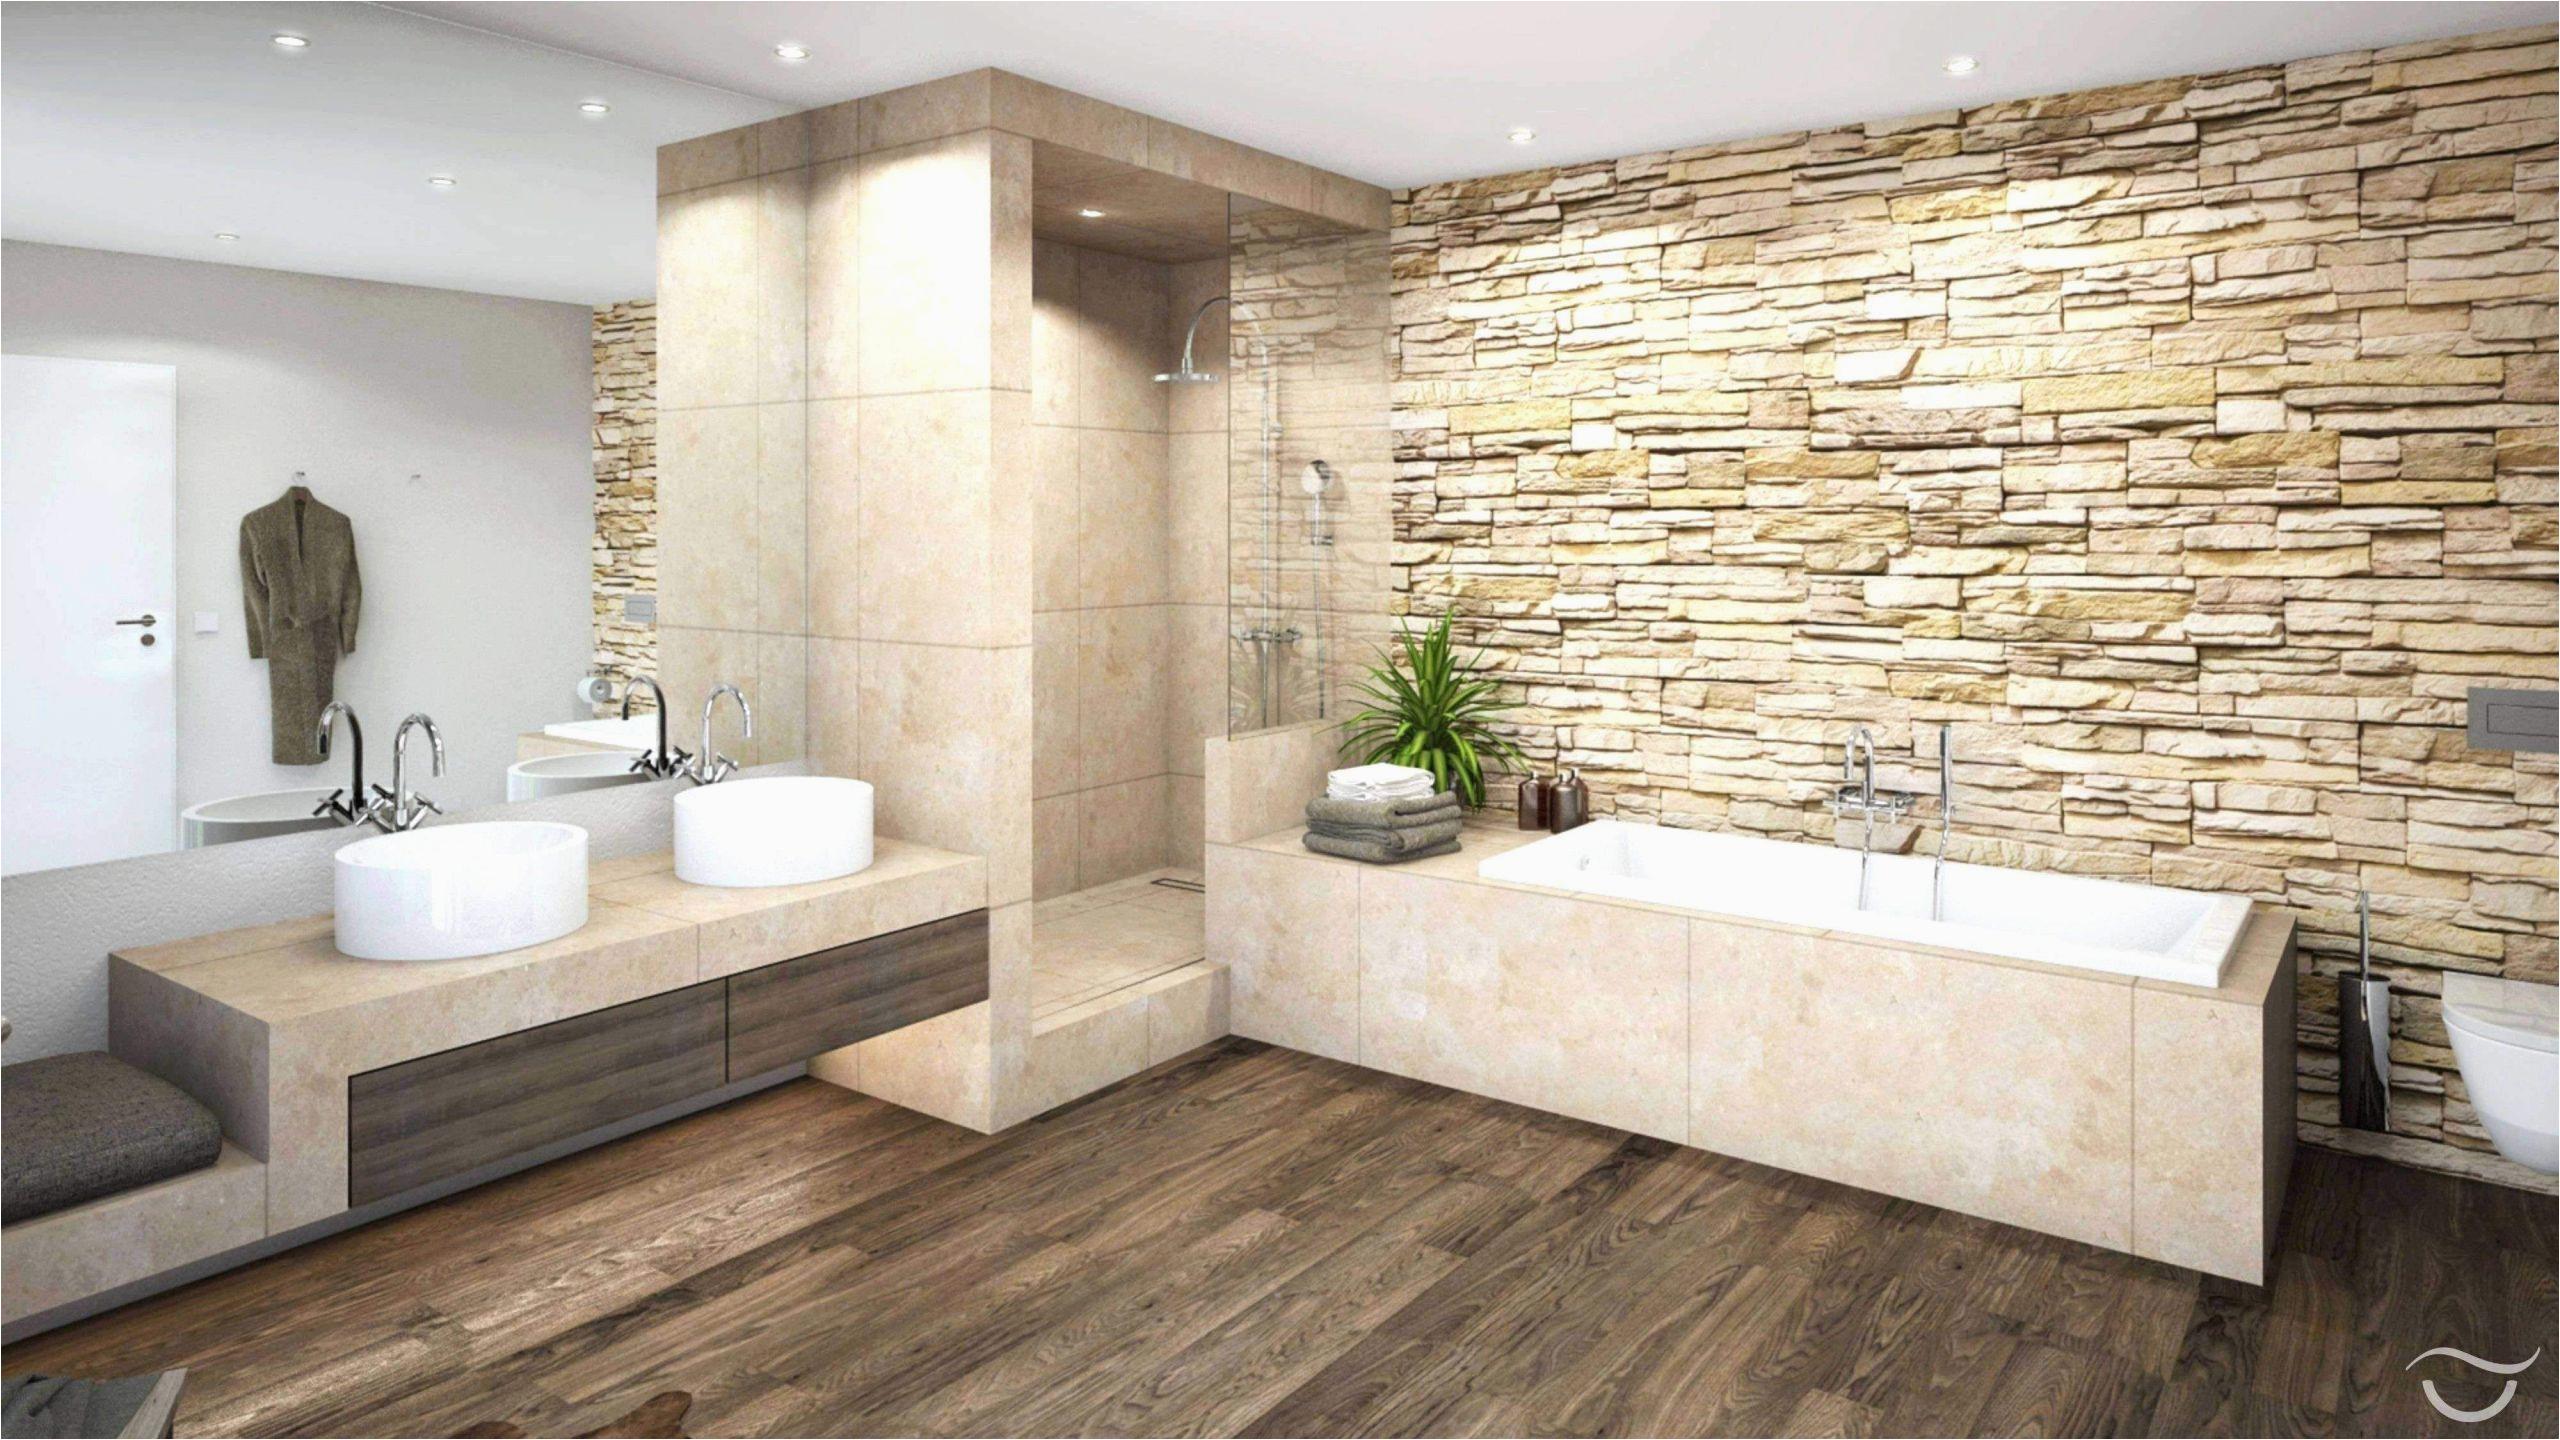 wohnzimmer landhausstil modern frisch 40 einzigartig von wohnzimmer deko modern ideen of wohnzimmer landhausstil modern scaled